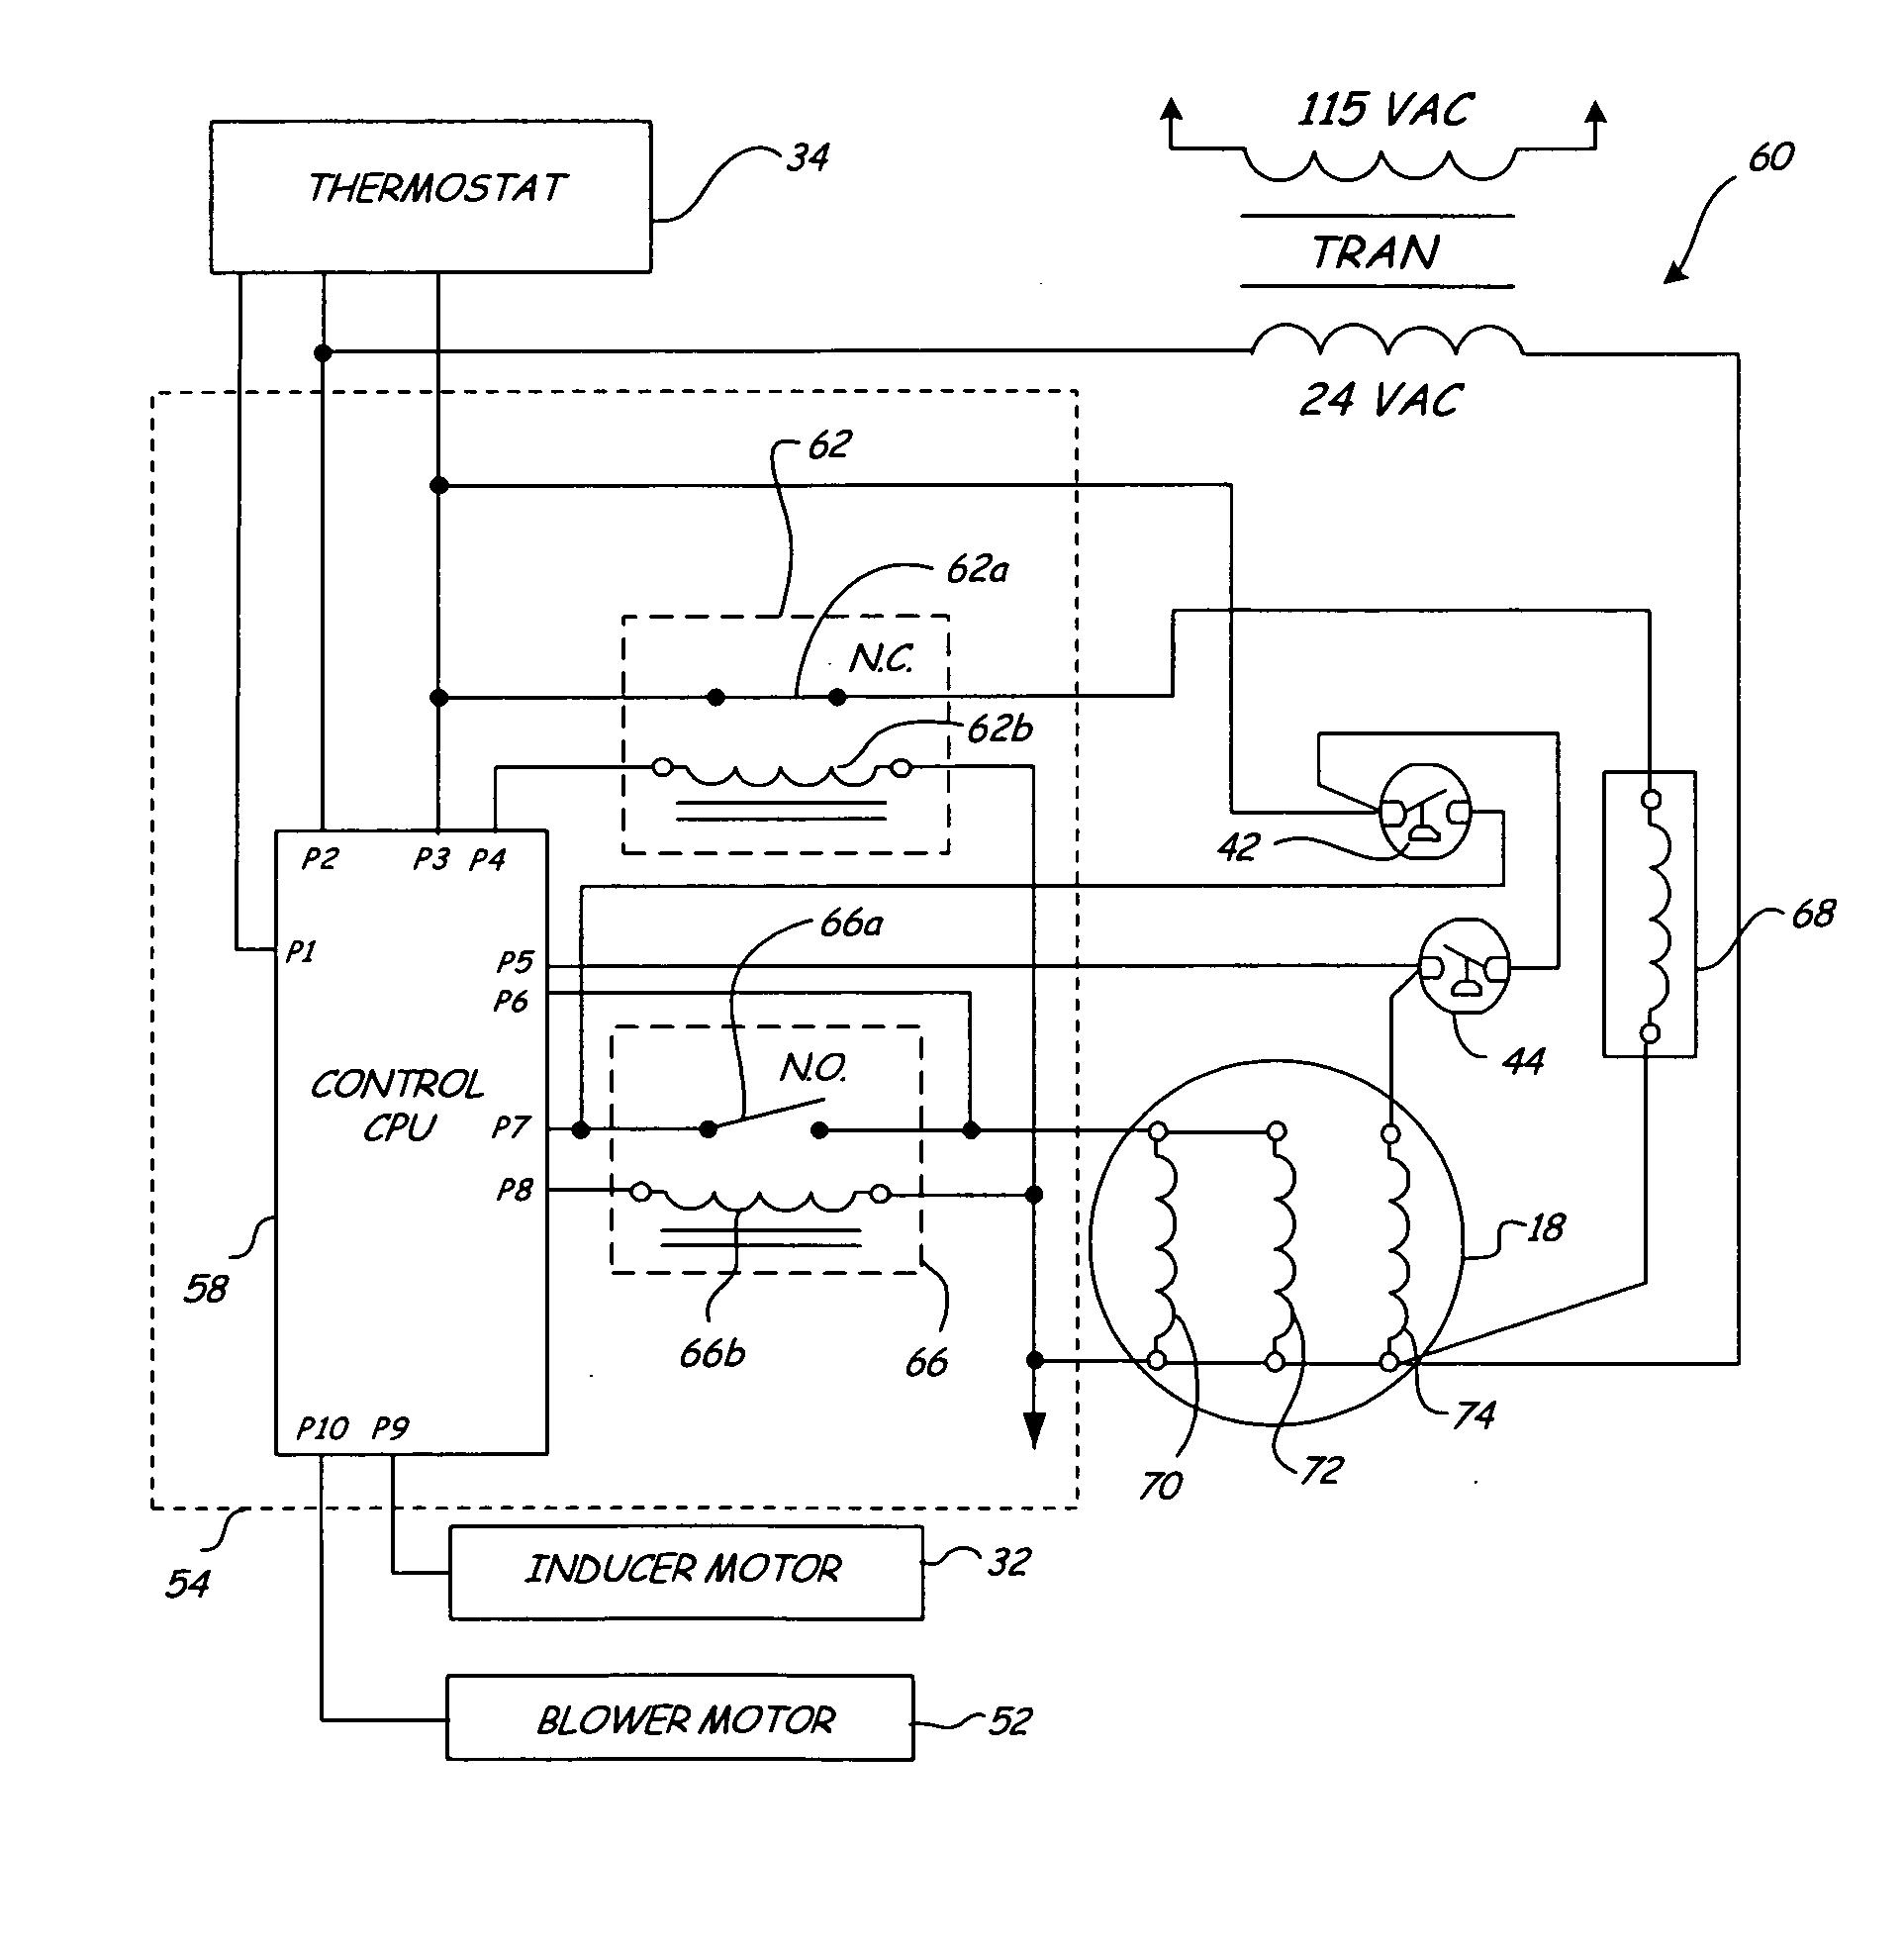 hight resolution of wrg 6251 apc matrix 500 wiring diagramapc 500 wiring diagram 21